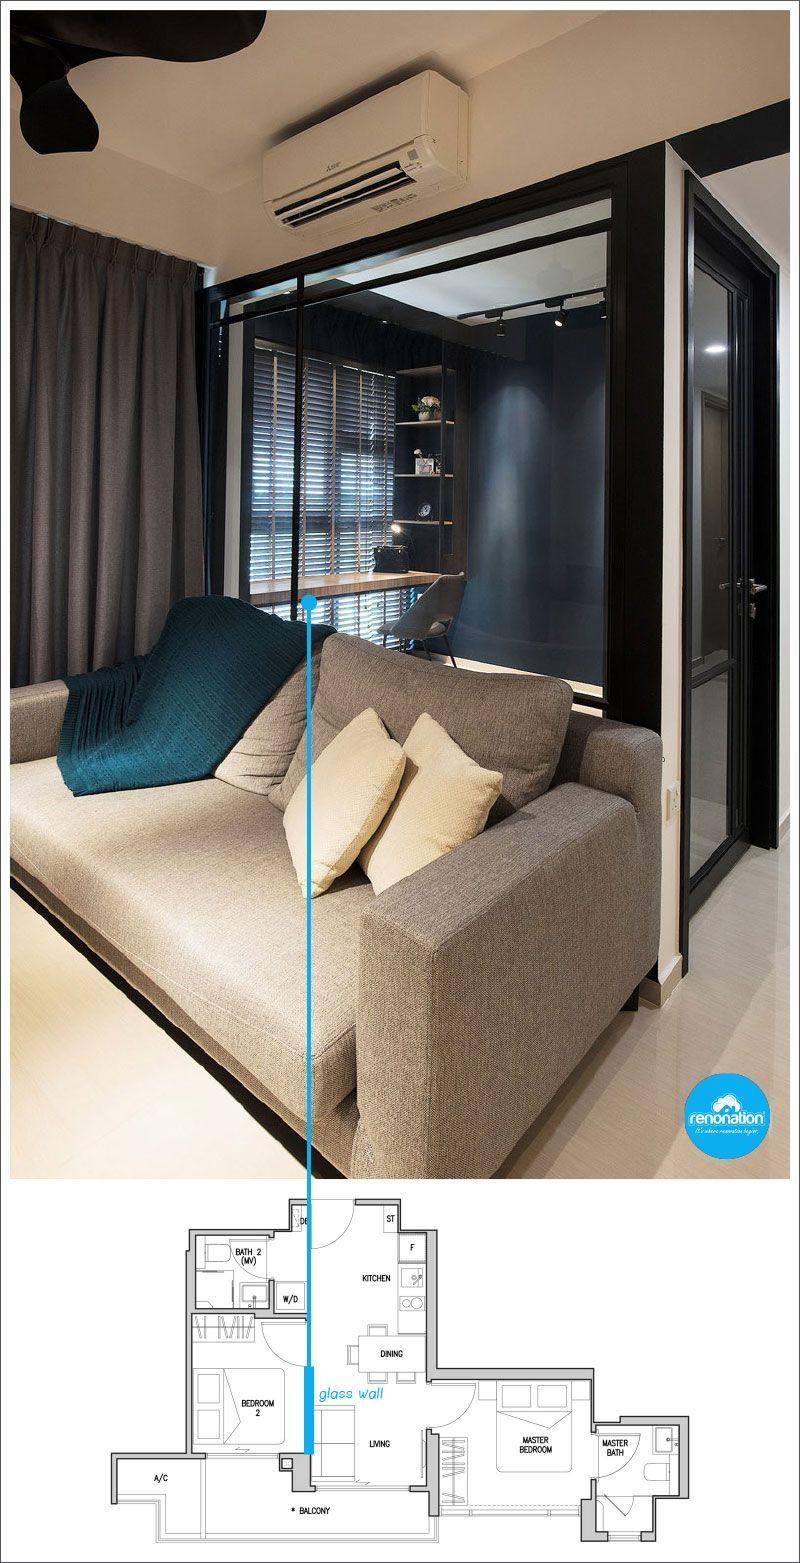 2 Bedroom Condo Unit Design Condo Interior Condo Interior Design Condo Interior Design Small